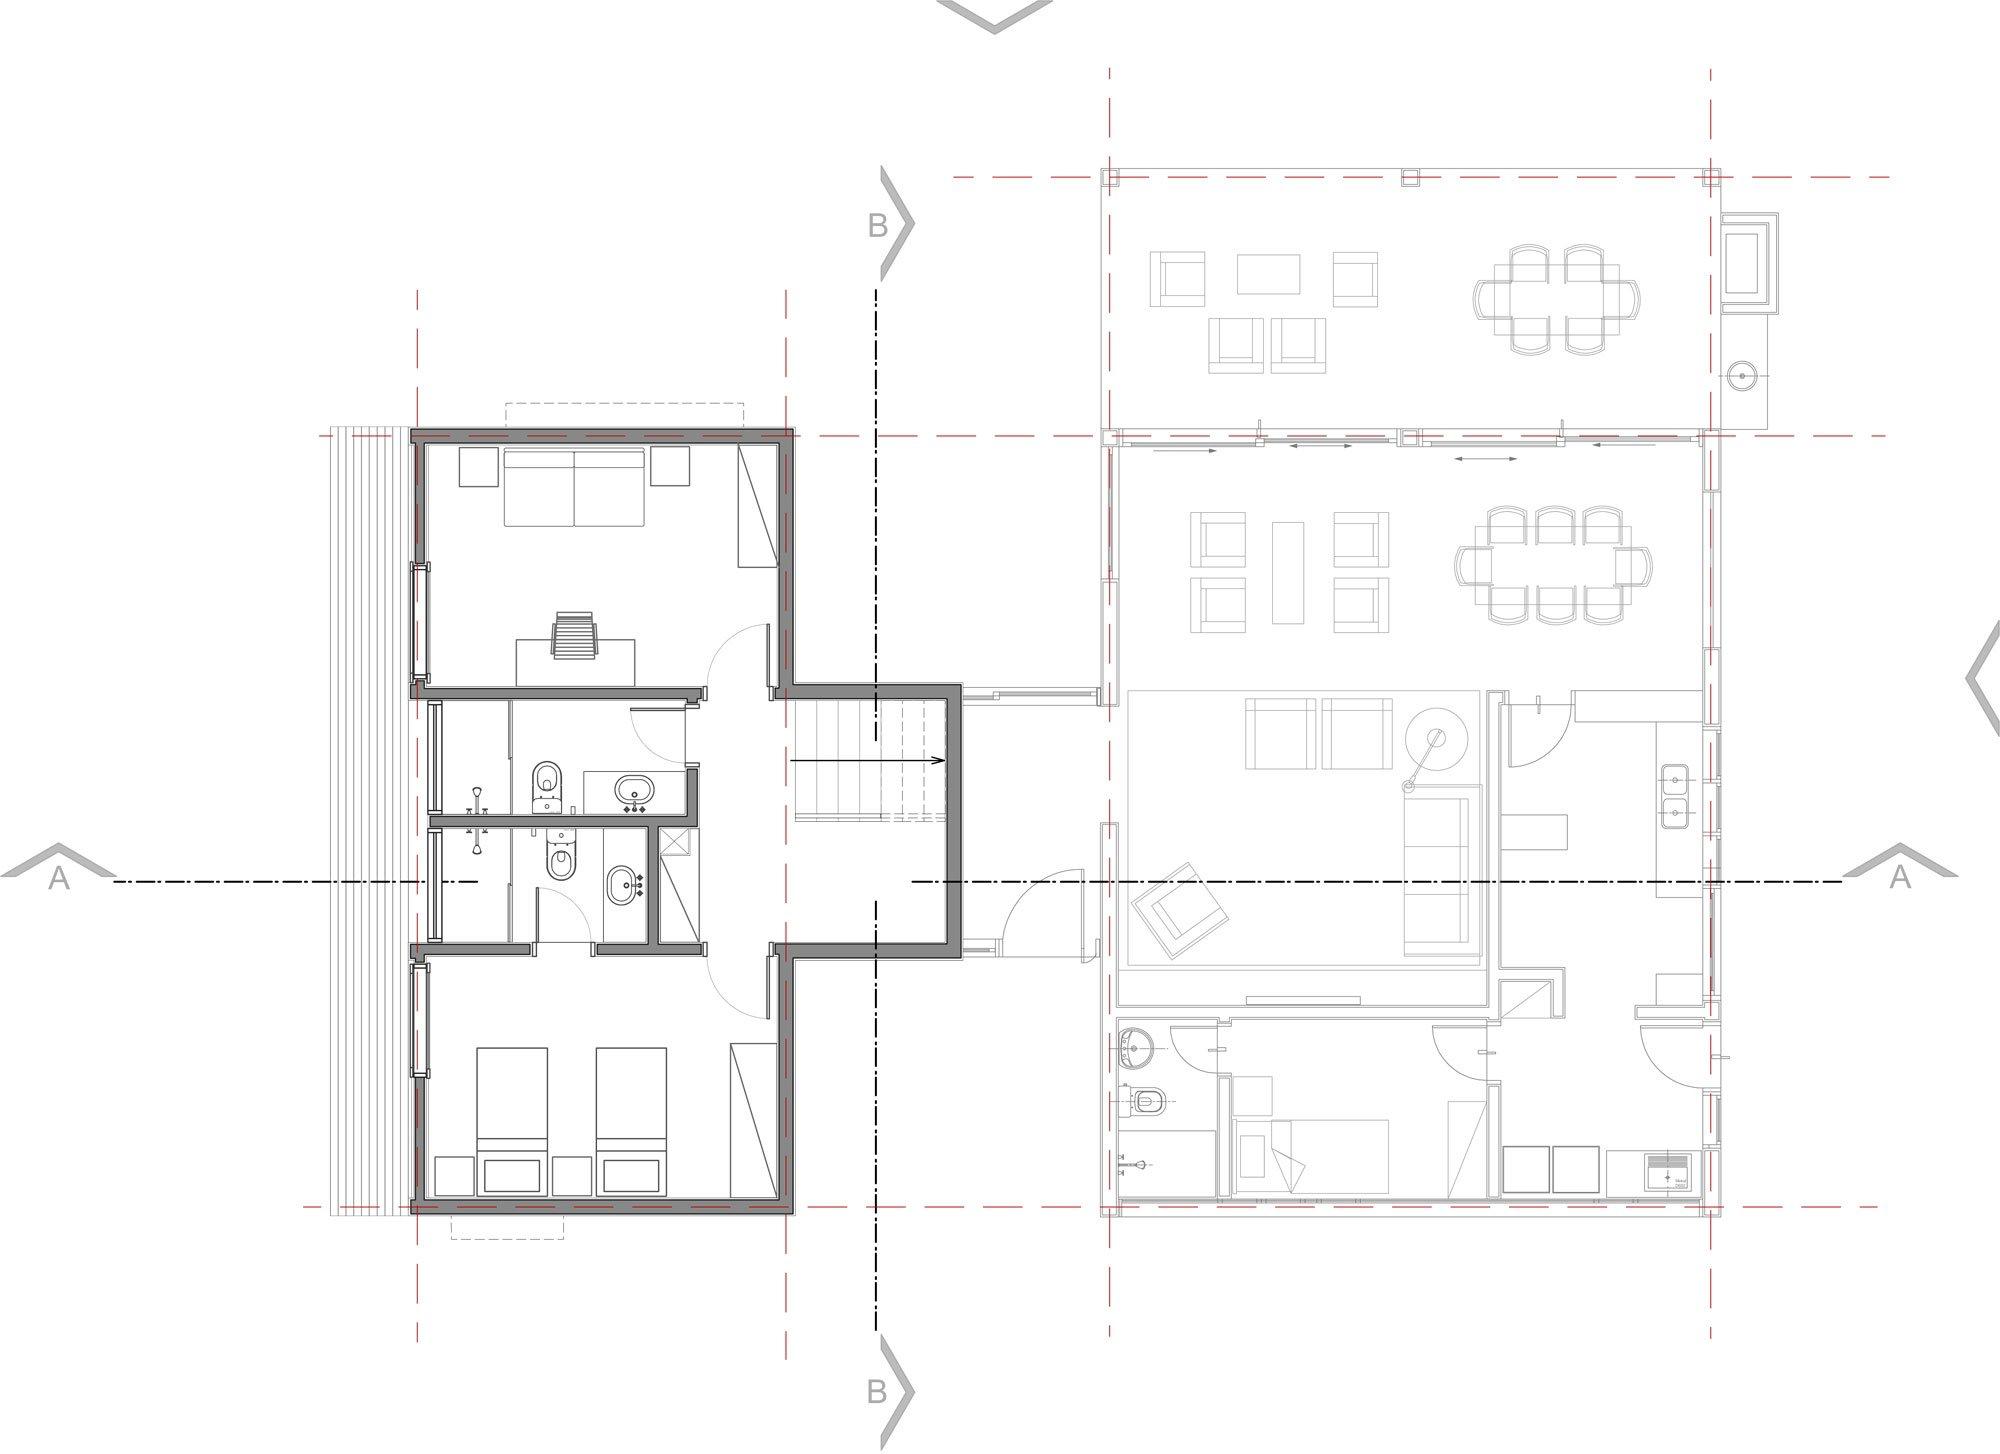 Plano segundo piso de casa moderna de campo planos de for Planos de casas de campo modernas